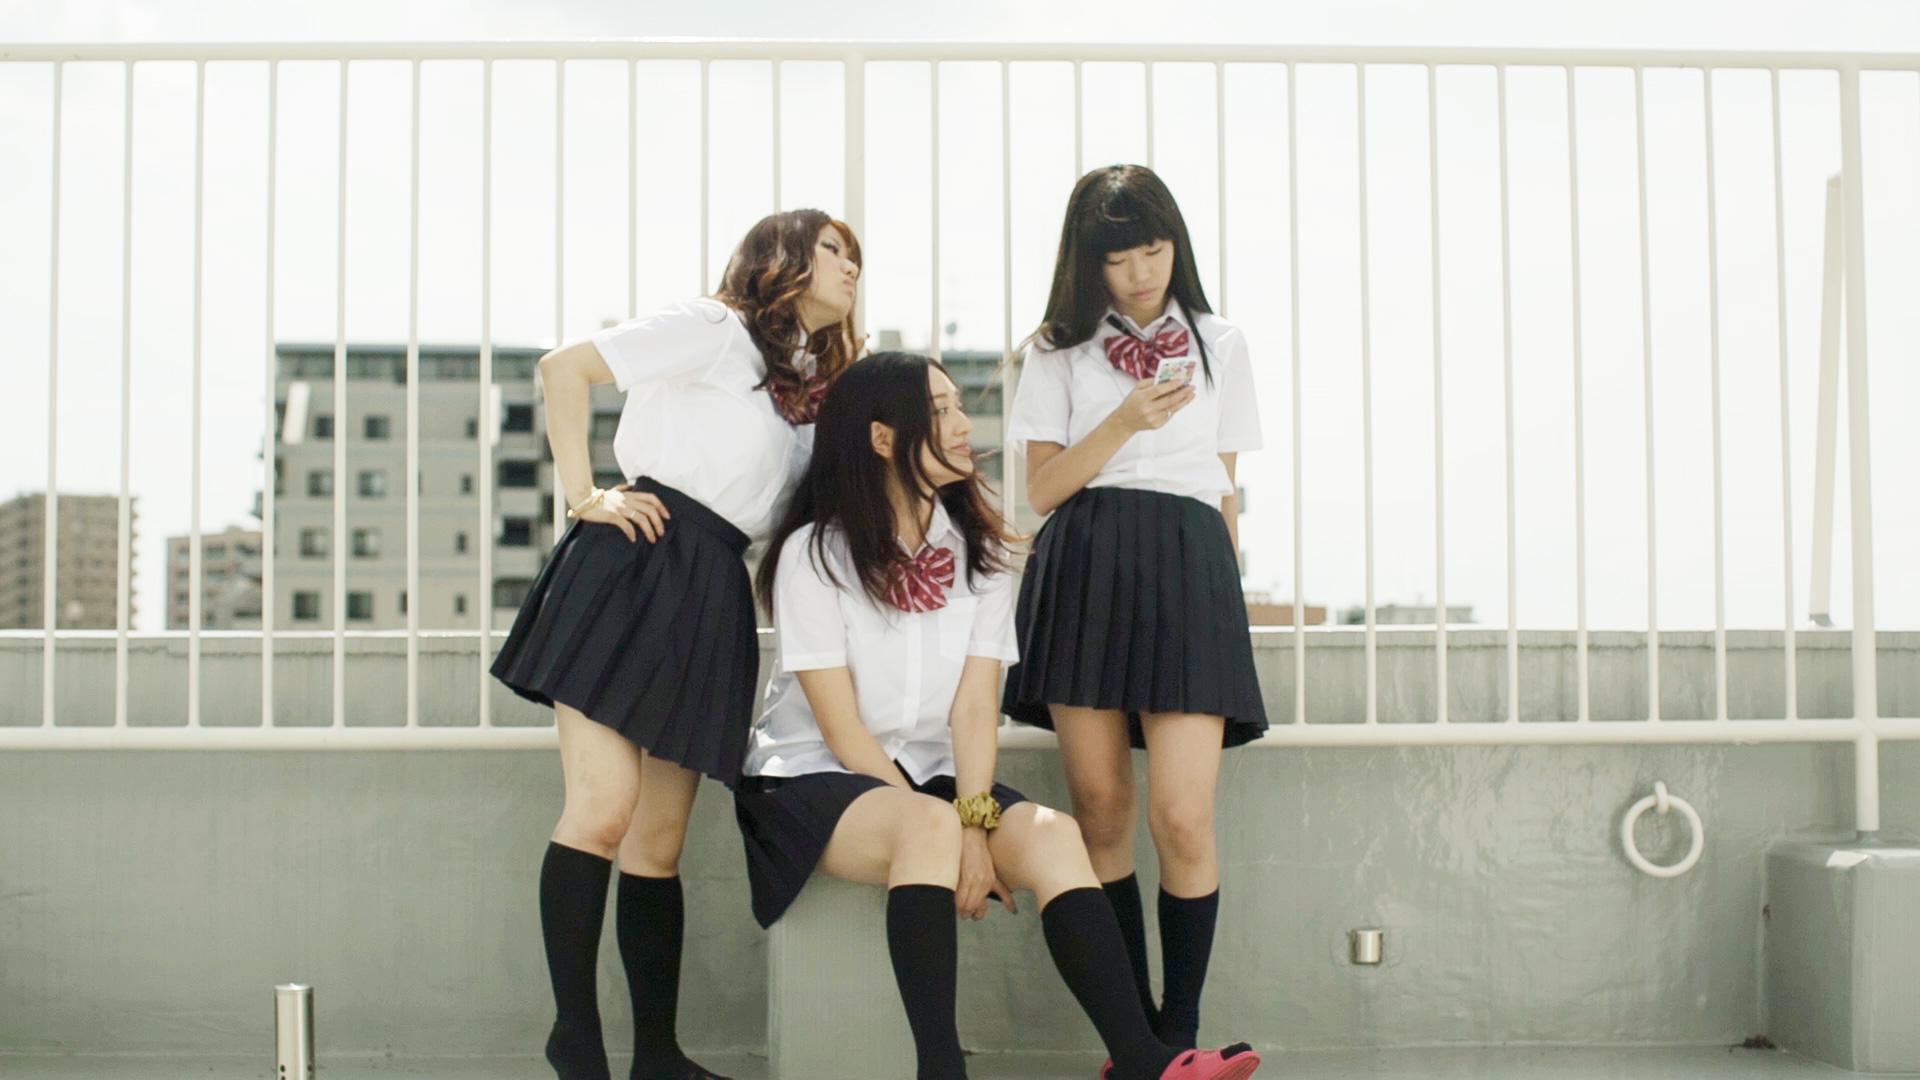 【短編映画】揺れるスカート (2014/20min)